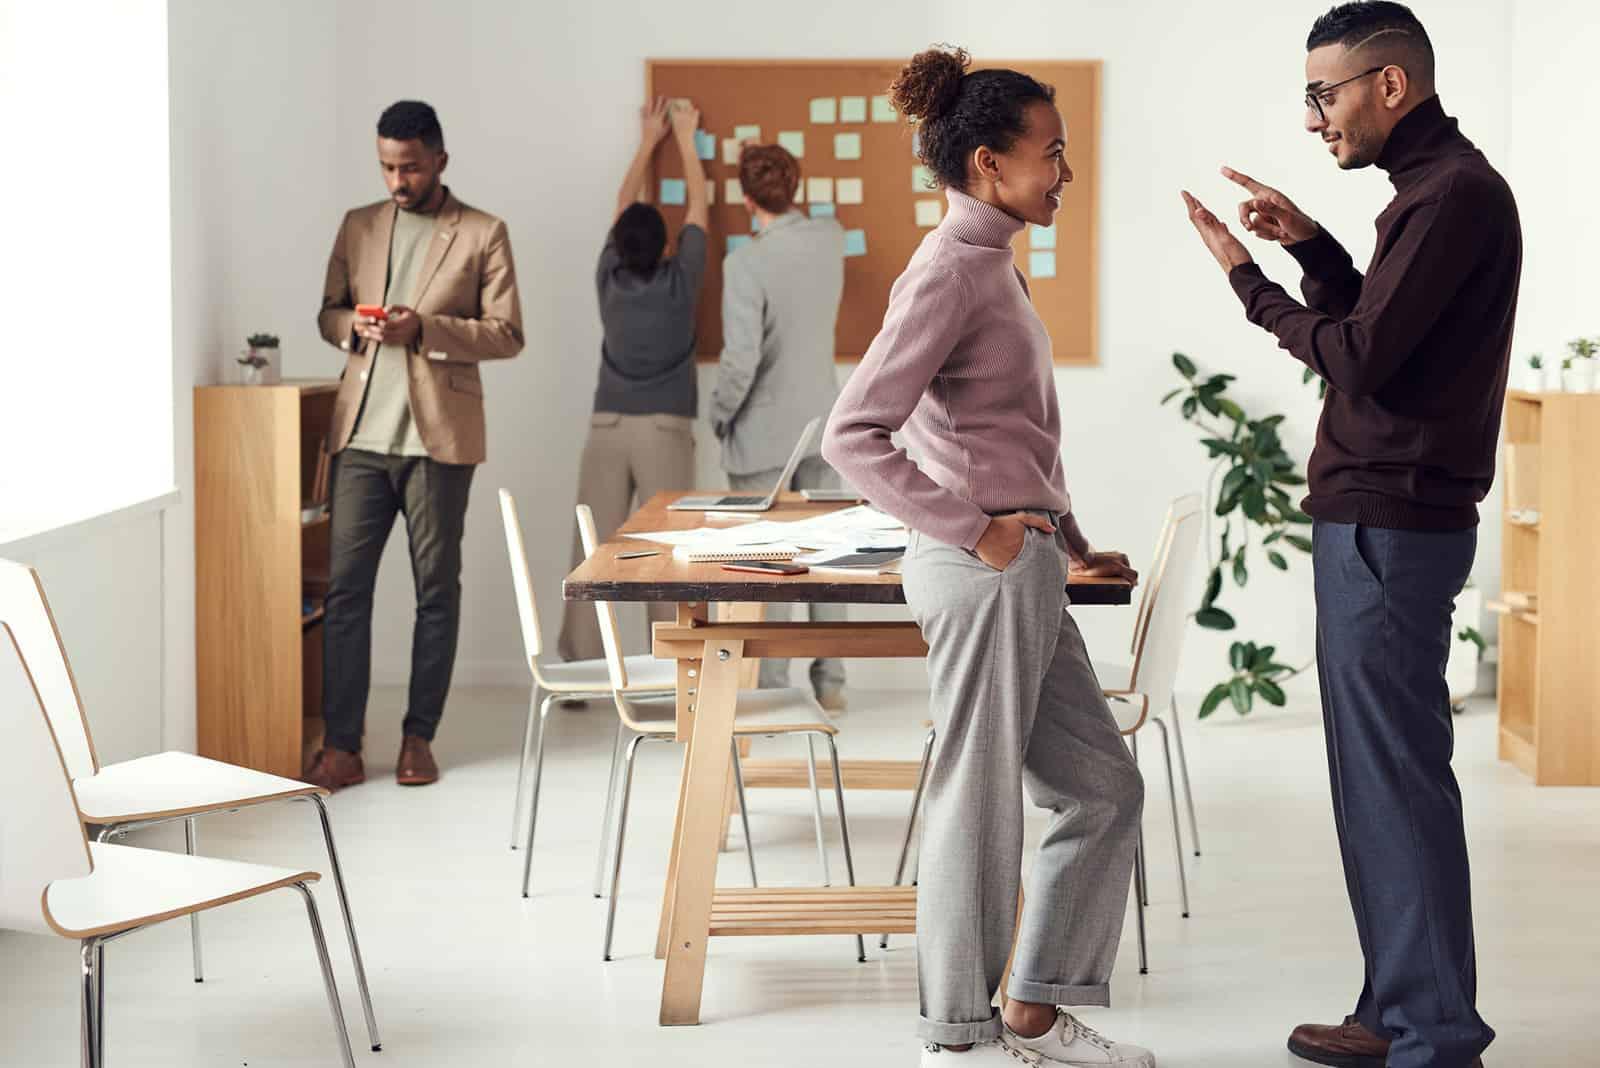 Ein Mann und eine Frau unterhalten sich bei der Arbeit im Besprechungsraum